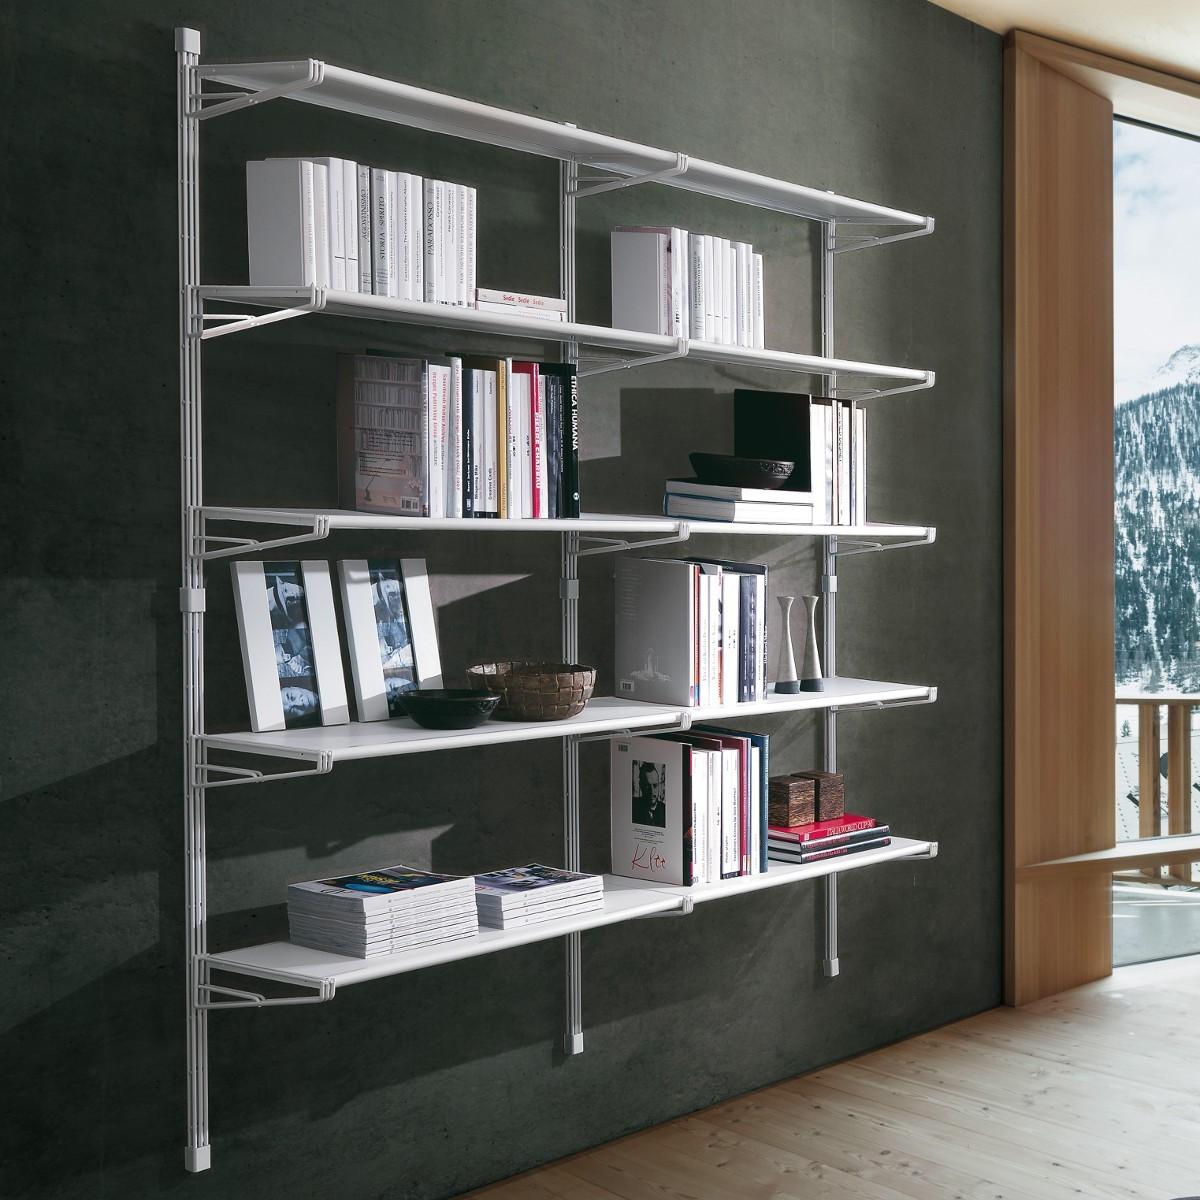 Libreria a parete casa ufficio in acciaio socrate 39 - Libreria a parete ...